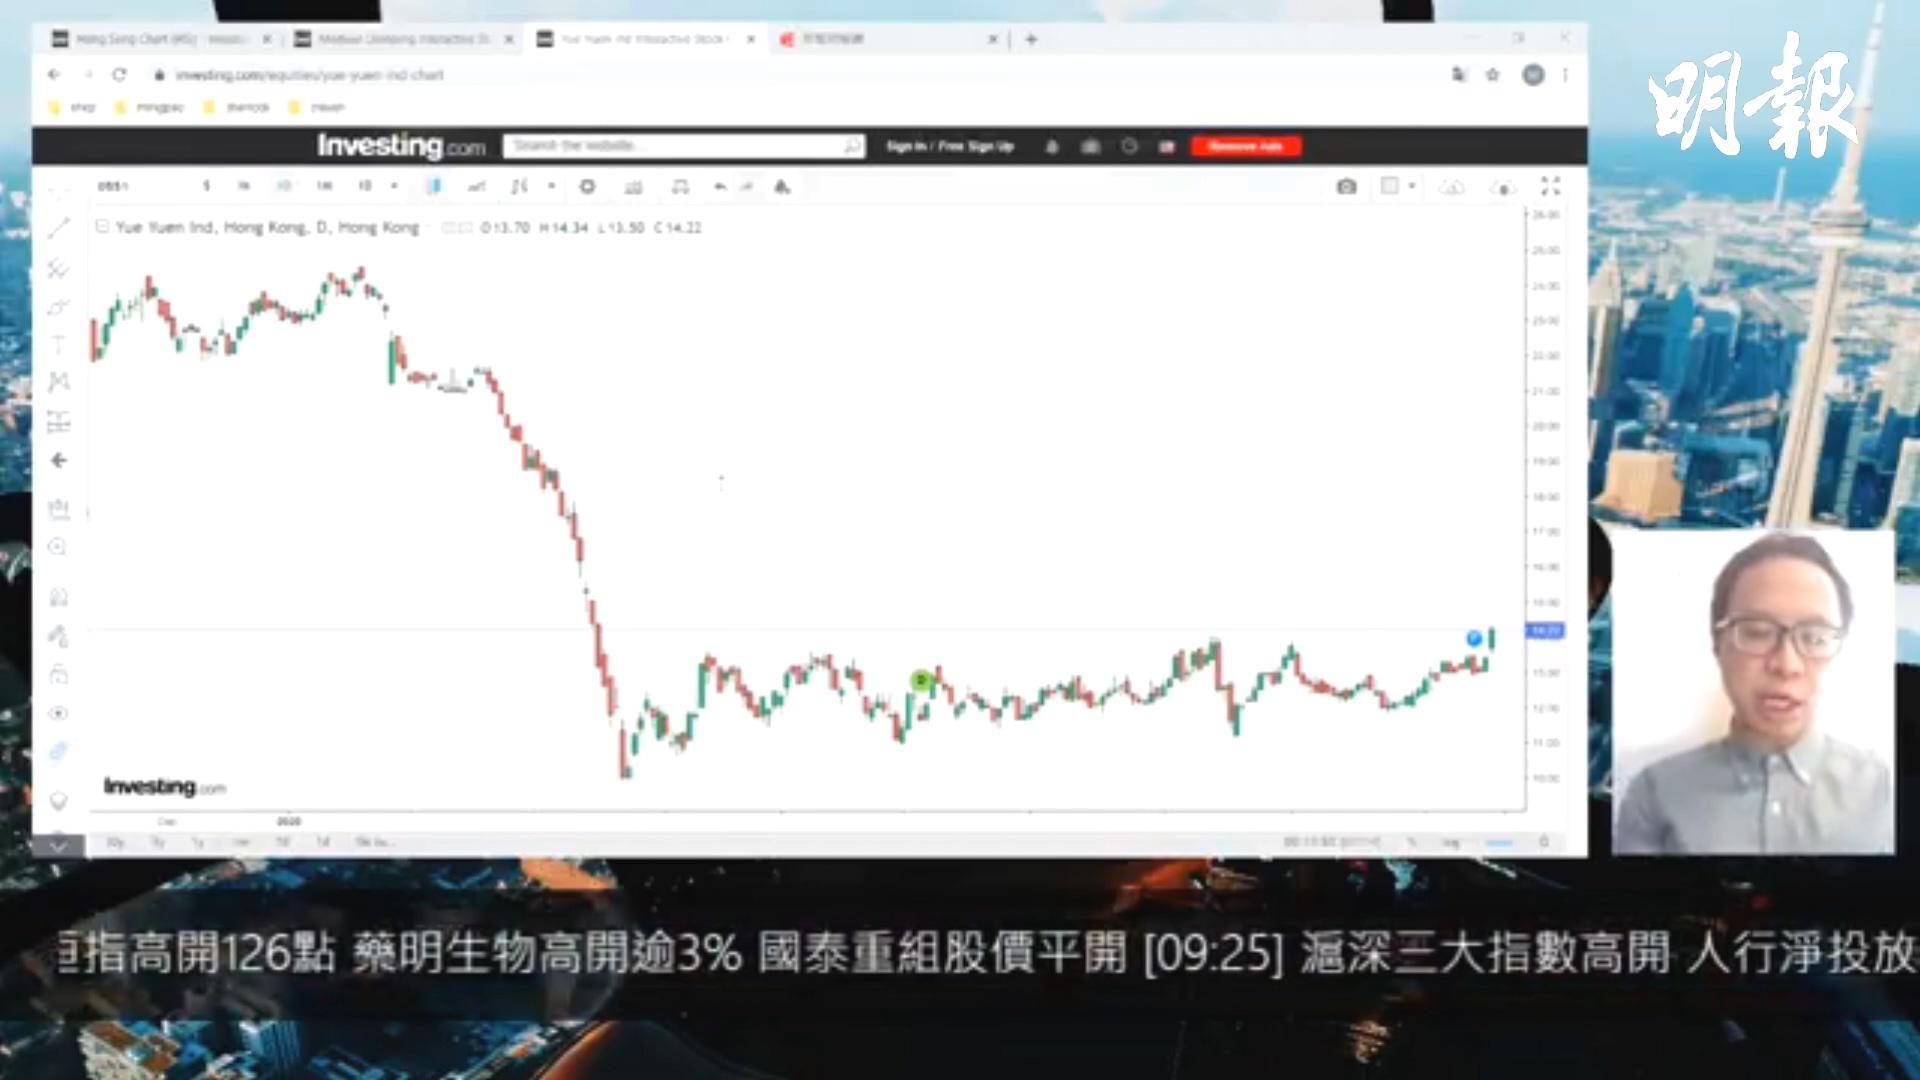 【有片:選股王】內地出口表現理想 裕元升破半年橫行區